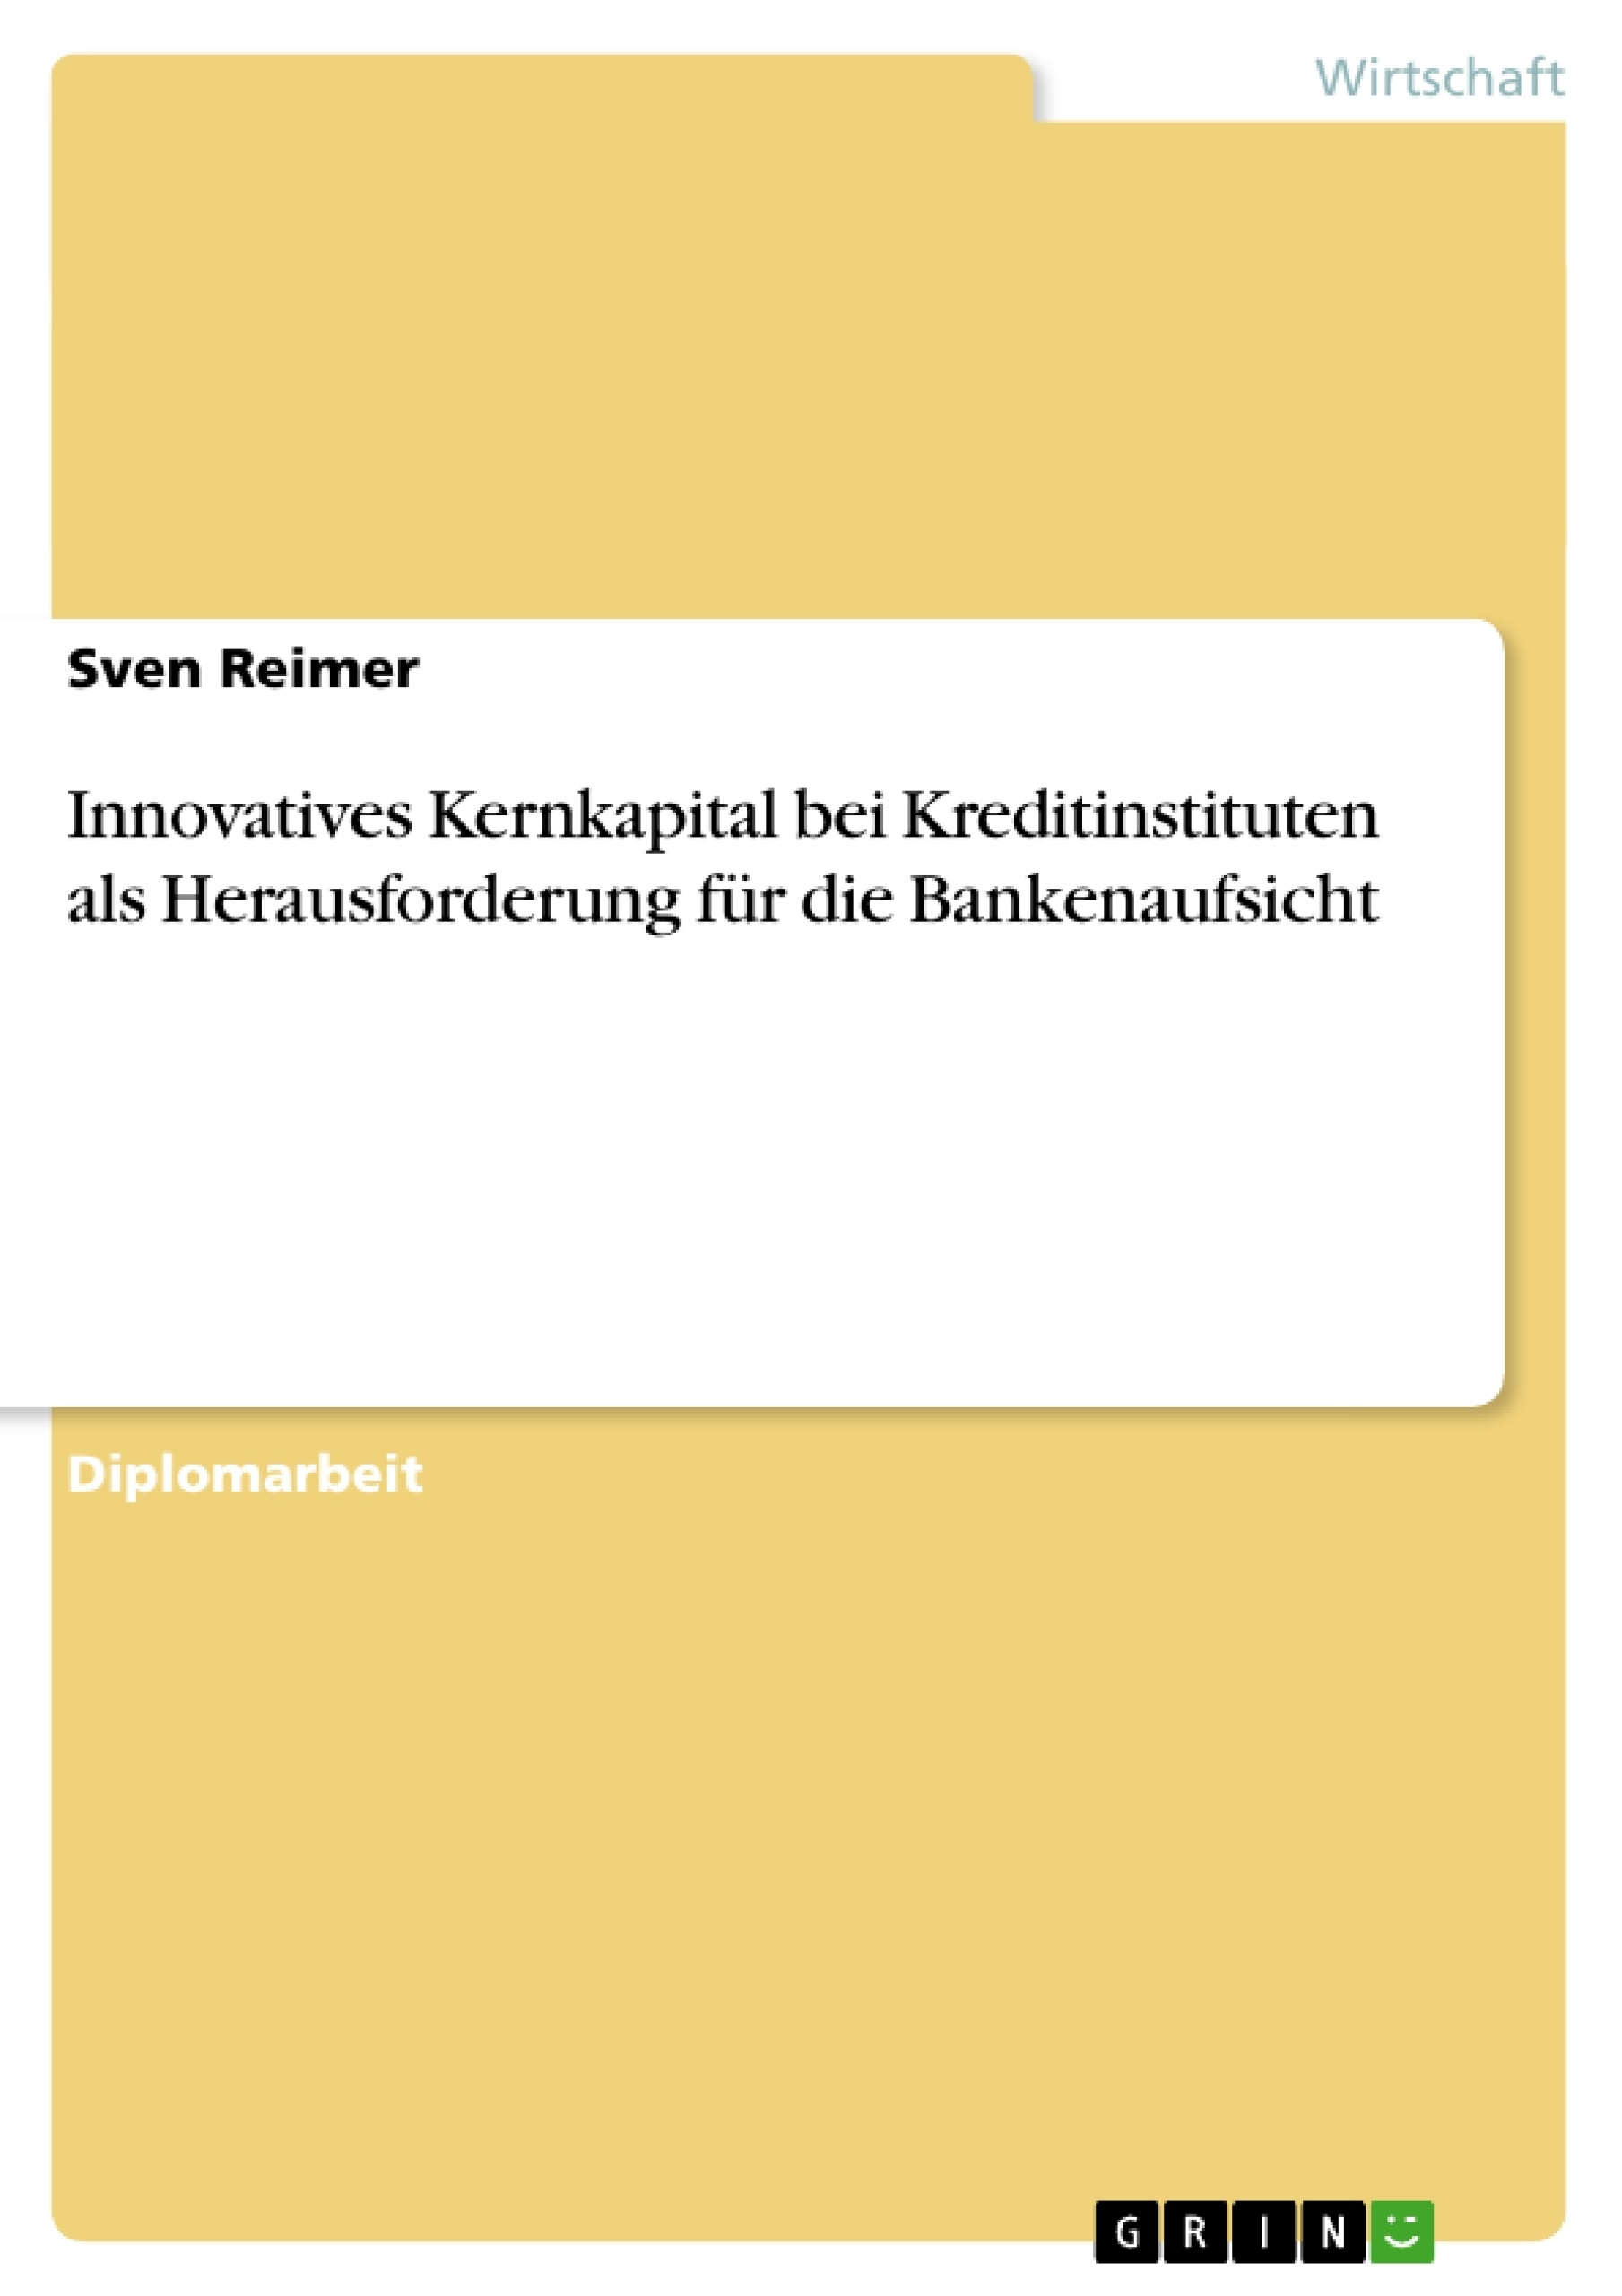 Titel: Innovatives Kernkapital bei Kreditinstituten als Herausforderung für die Bankenaufsicht